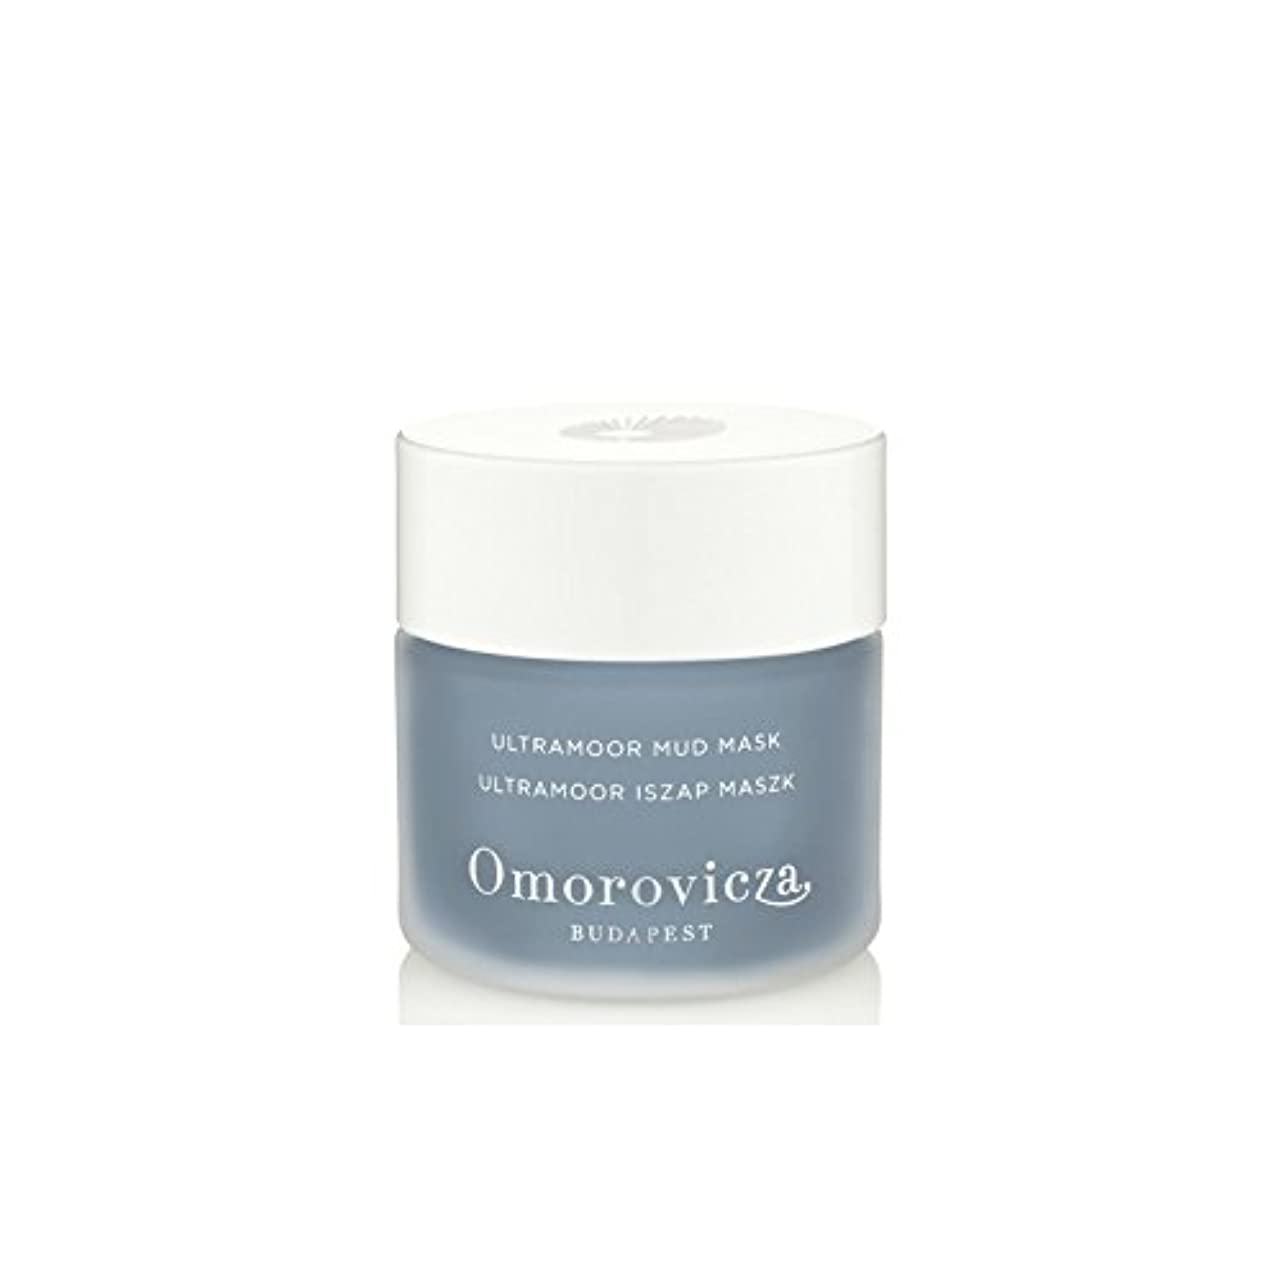 スリップシューズ共和党遊びます泥マスク(50ミリリットル) x4 - Omorovicza Ultramoor Mud Mask (50ml) (Pack of 4) [並行輸入品]